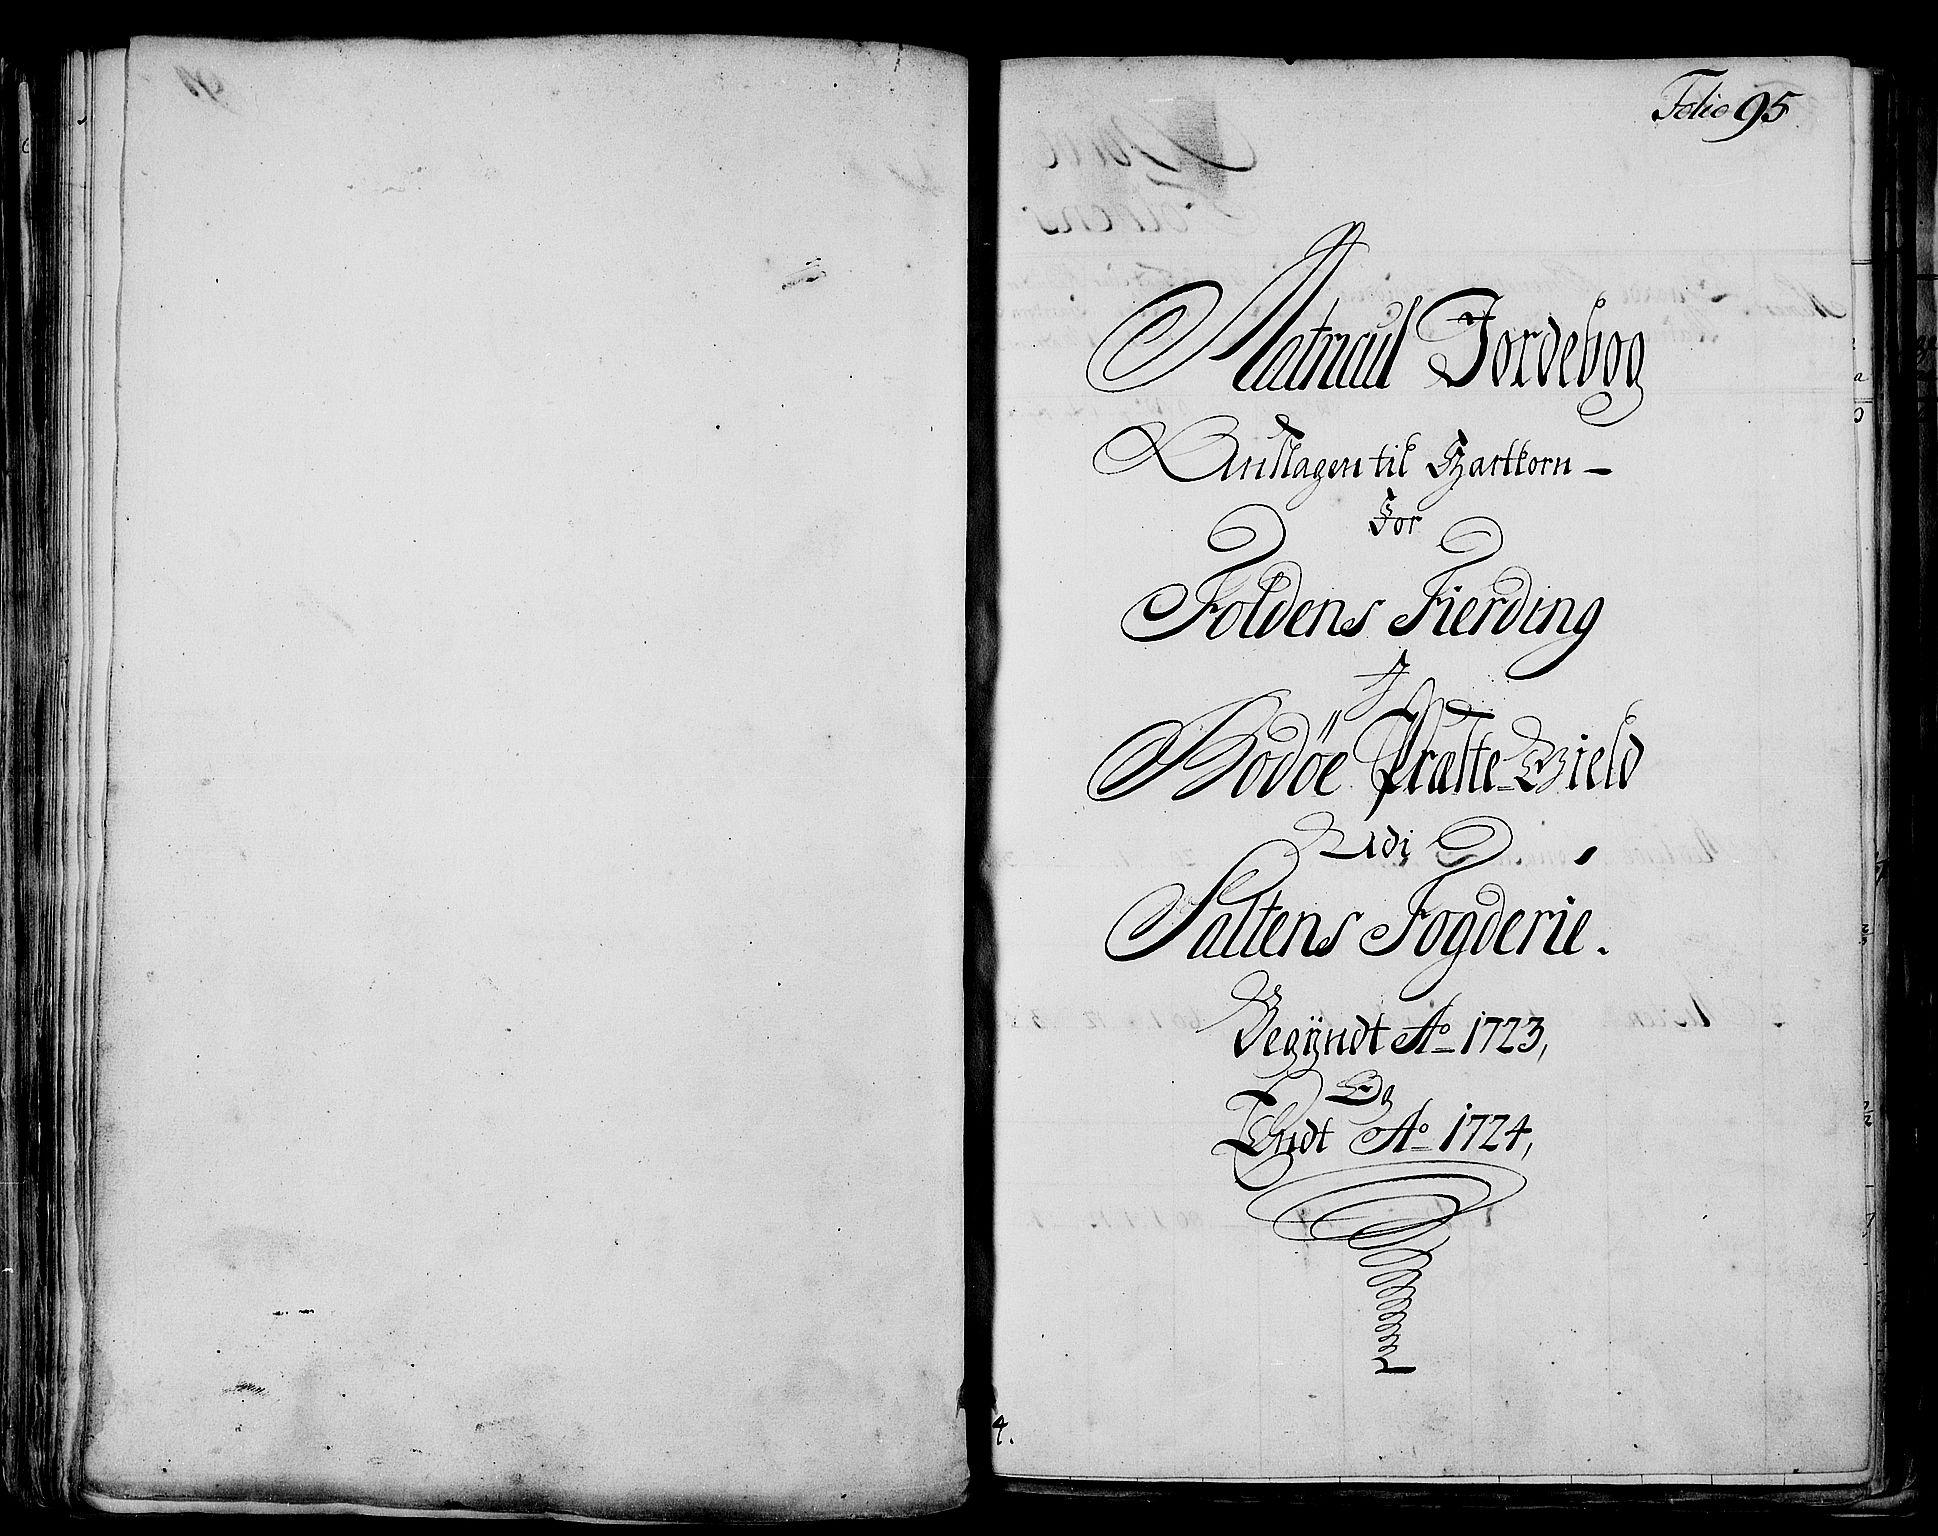 RA, Rentekammeret inntil 1814, Realistisk ordnet avdeling, N/Nb/Nbf/L0173: Salten matrikkelprotokoll, 1723, s. 94b-95a